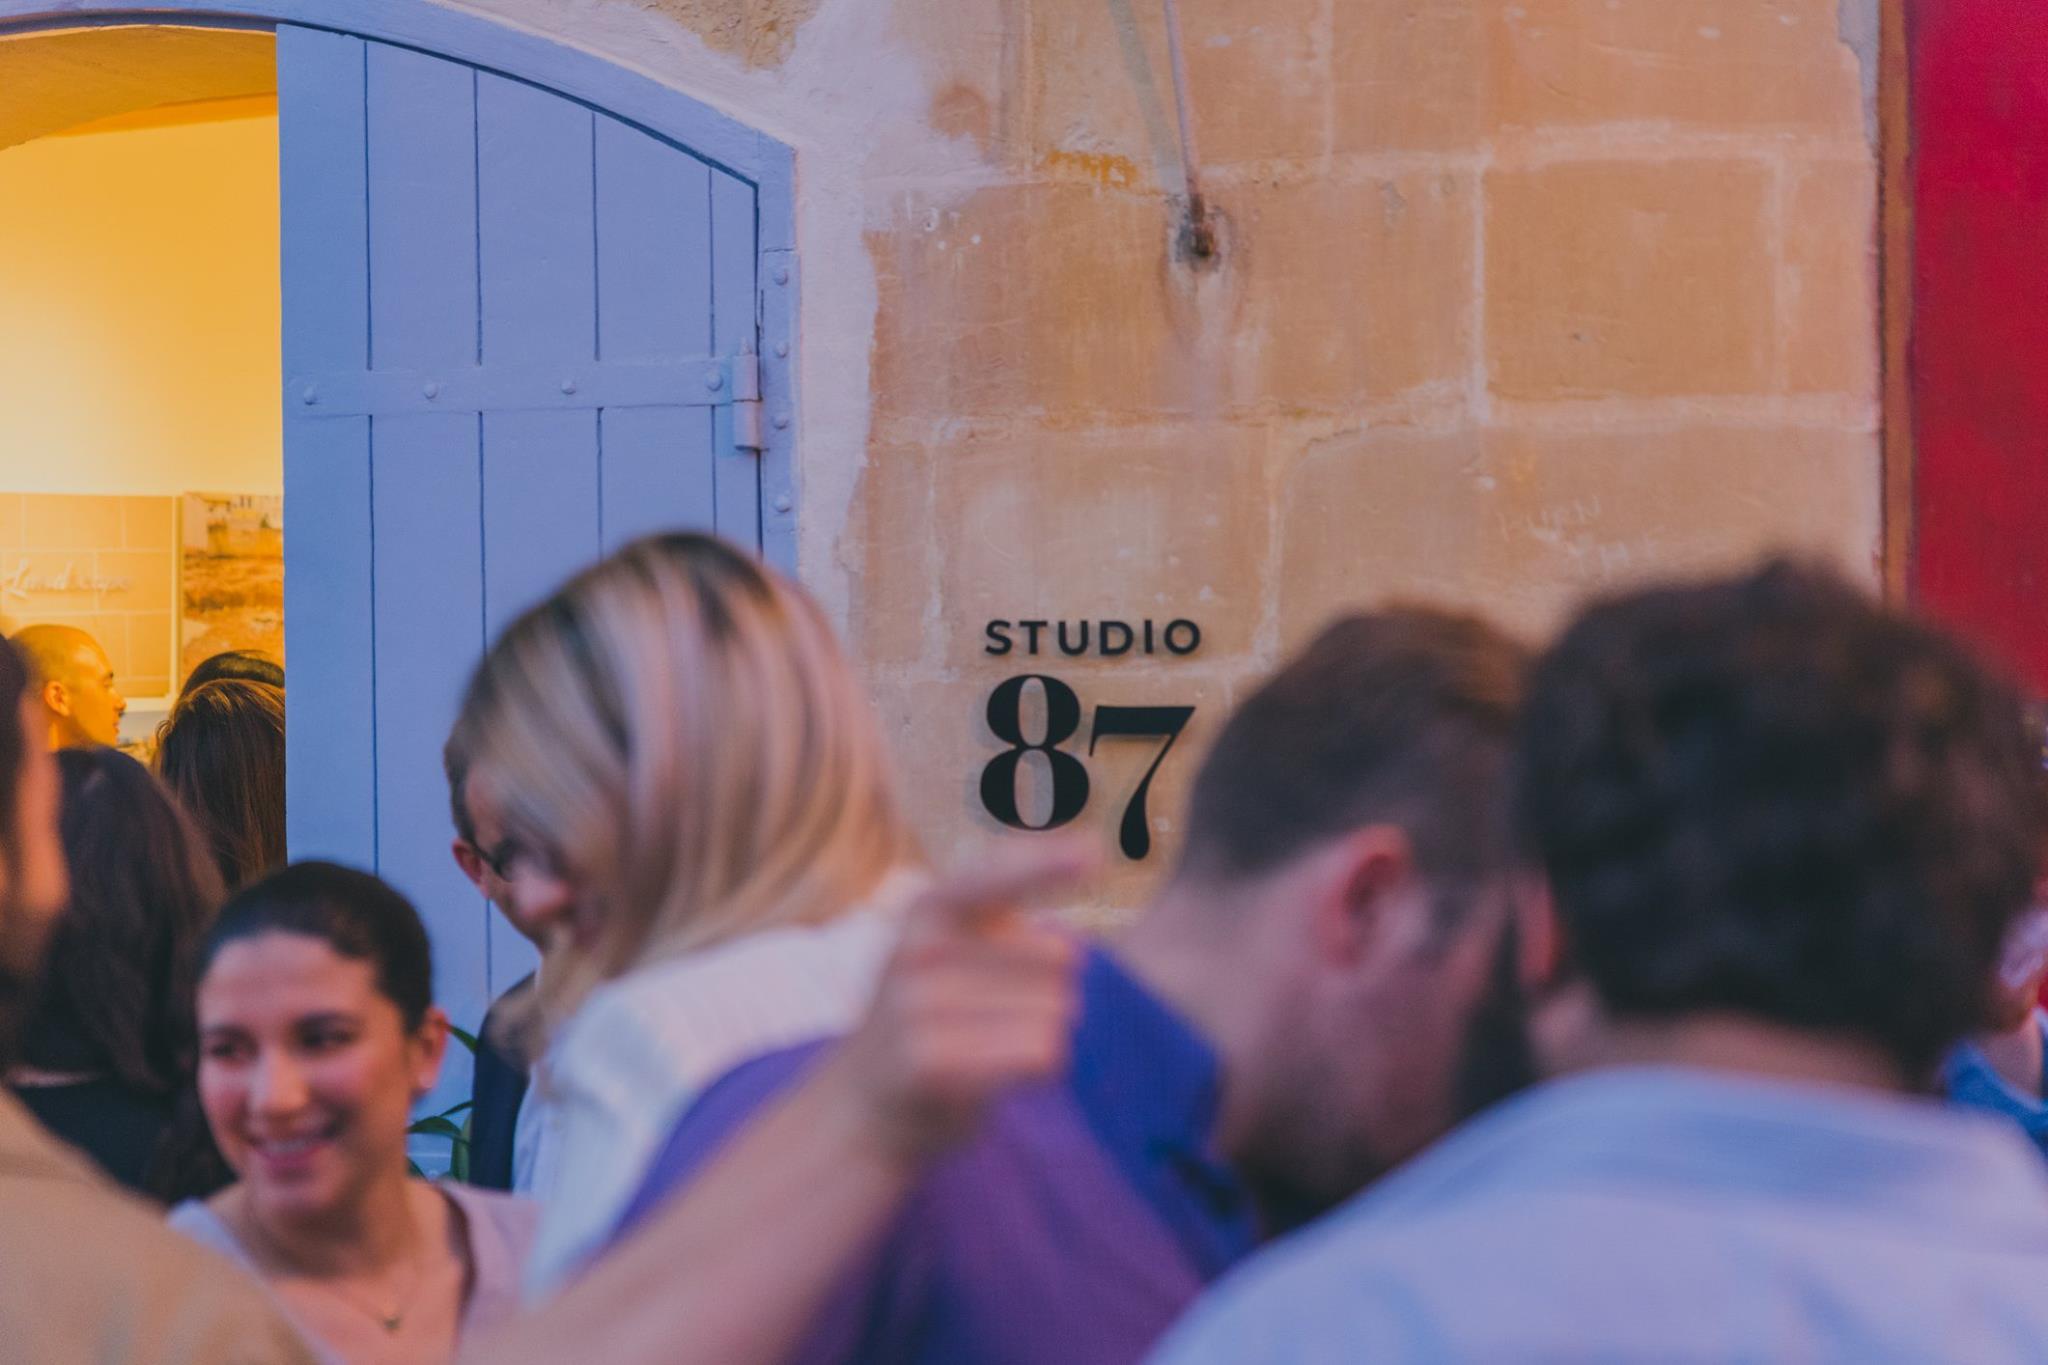 Image courtesy of Studio 87, shot by Geoffrey Zarb Adami